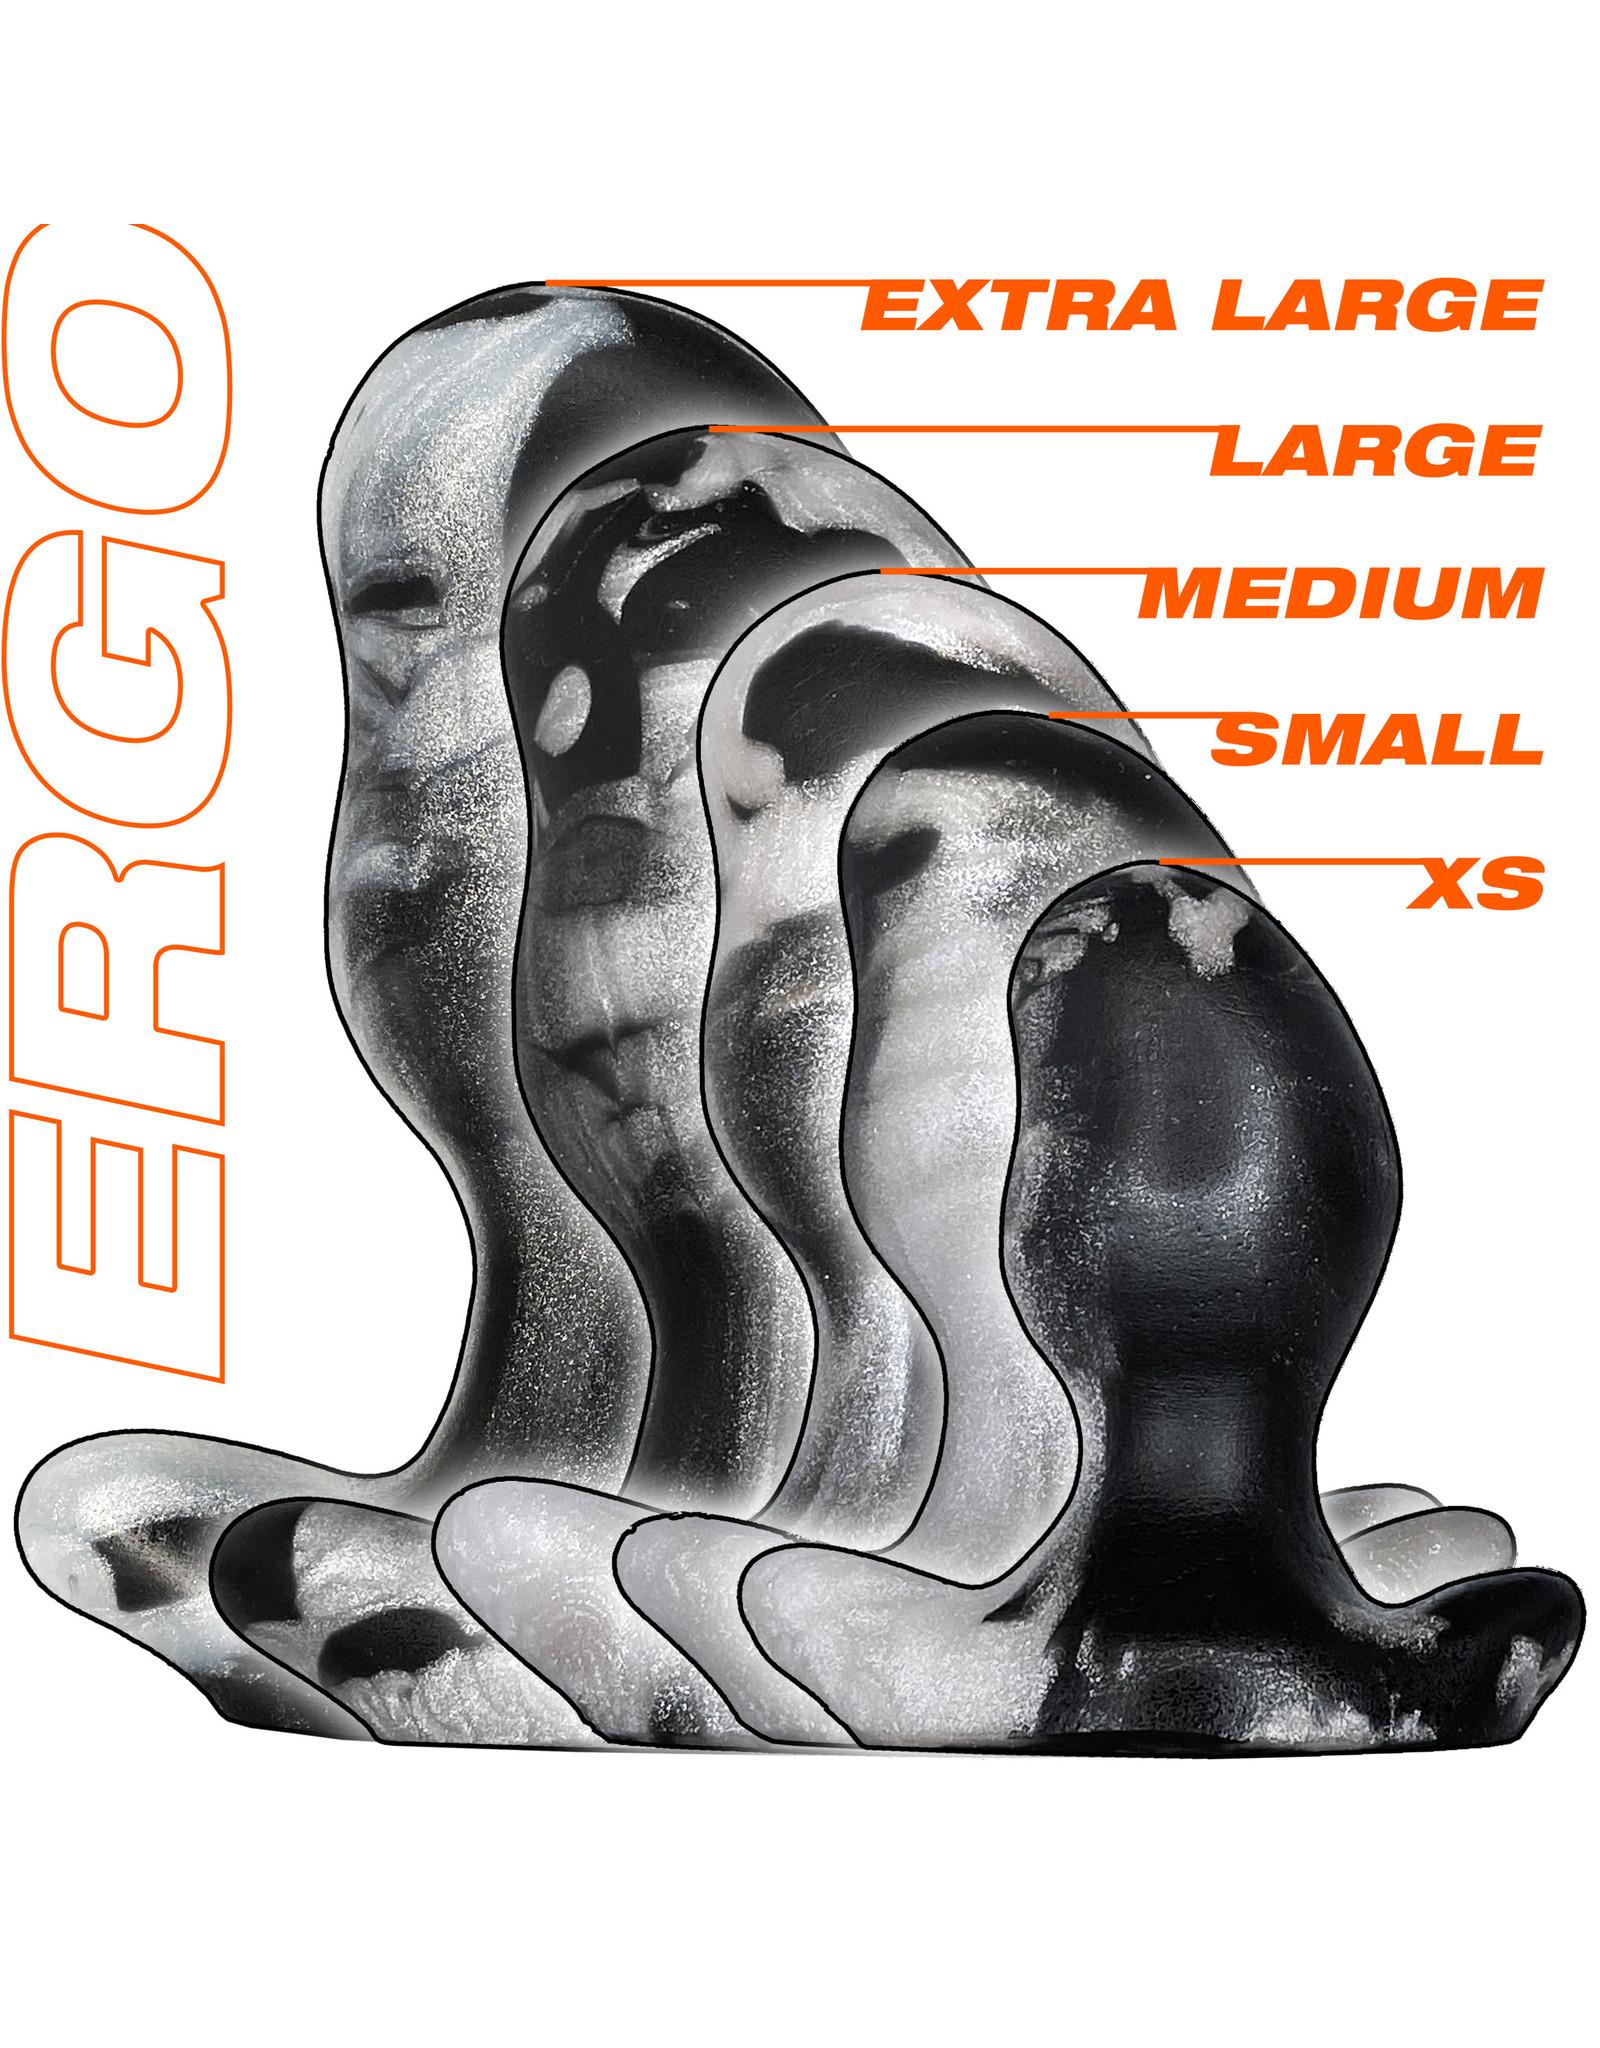 Oxballs Ergo Butt Plug